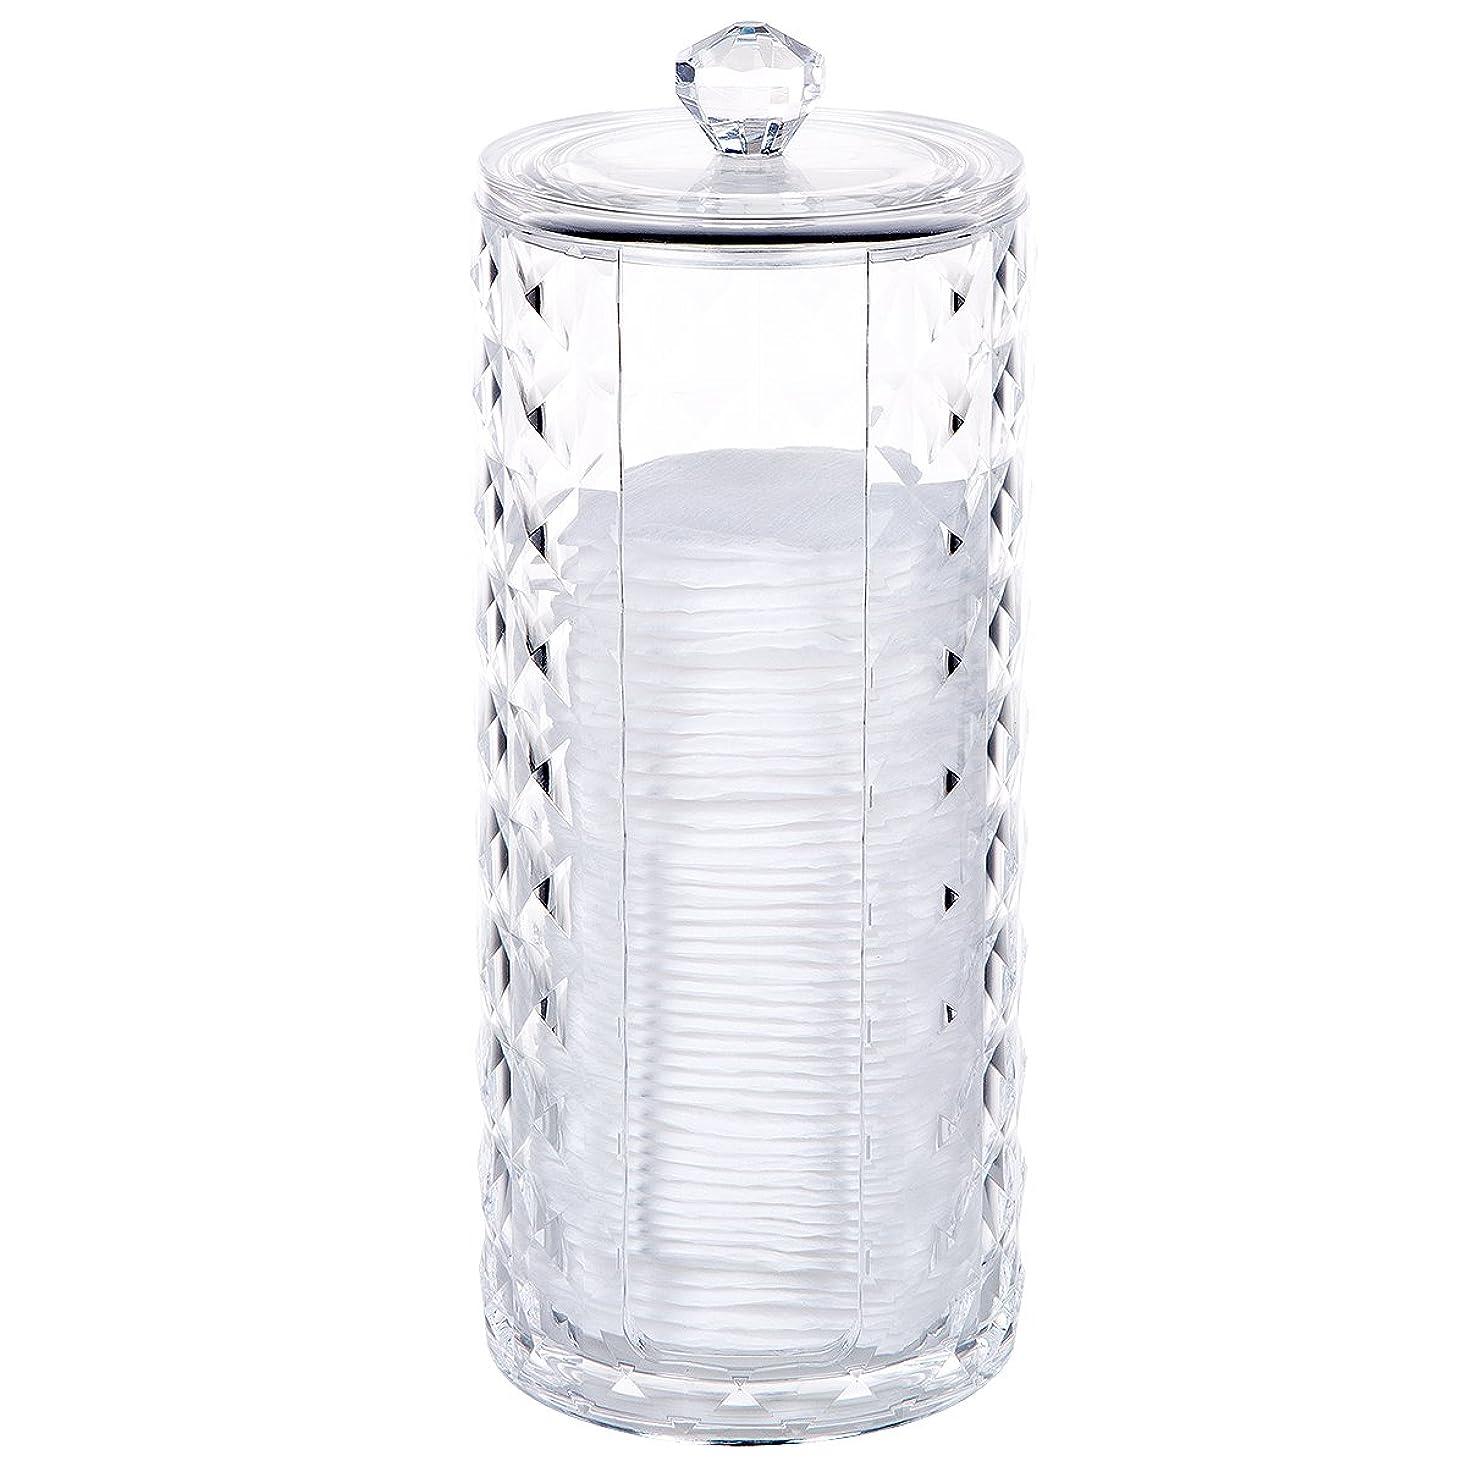 水グリル卒業コスメボックス 綿棒収納ボックス アクリル製 ダイヤモンド模様 多功能 コスメ小物用品?化粧品収納ケース 透明 (円形)